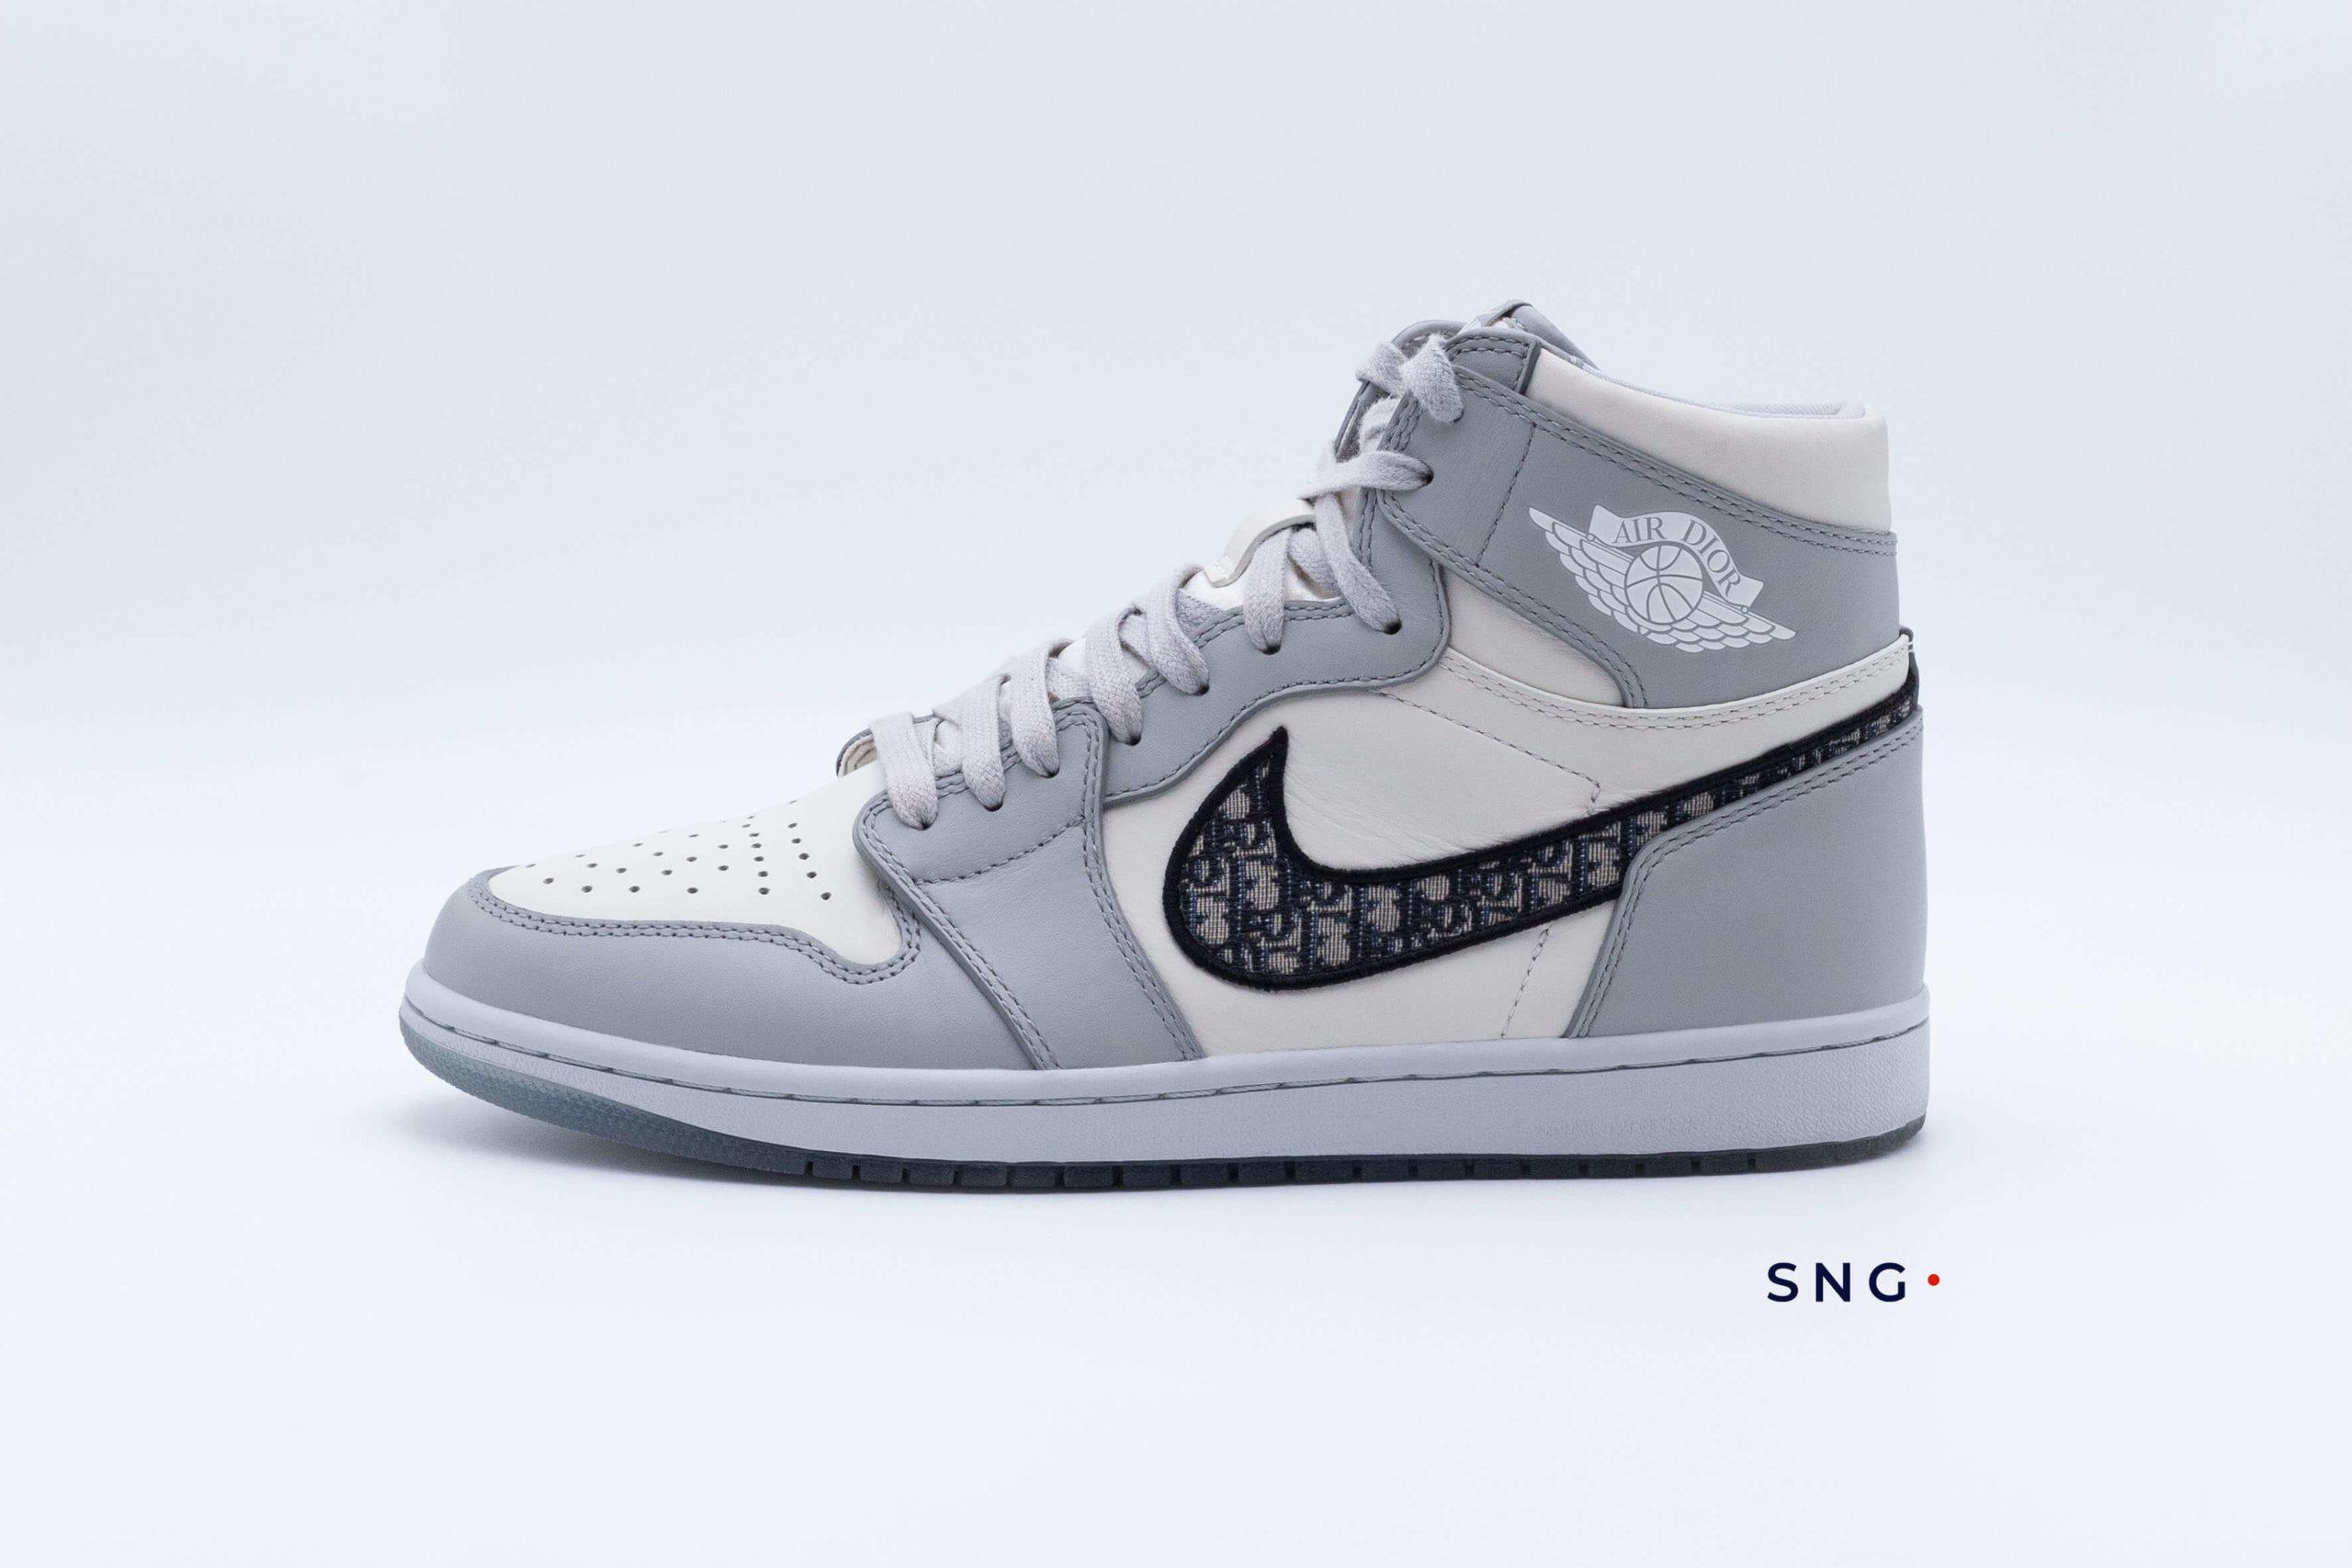 Air Jordan 1 - Dior High - Sneakers And Go